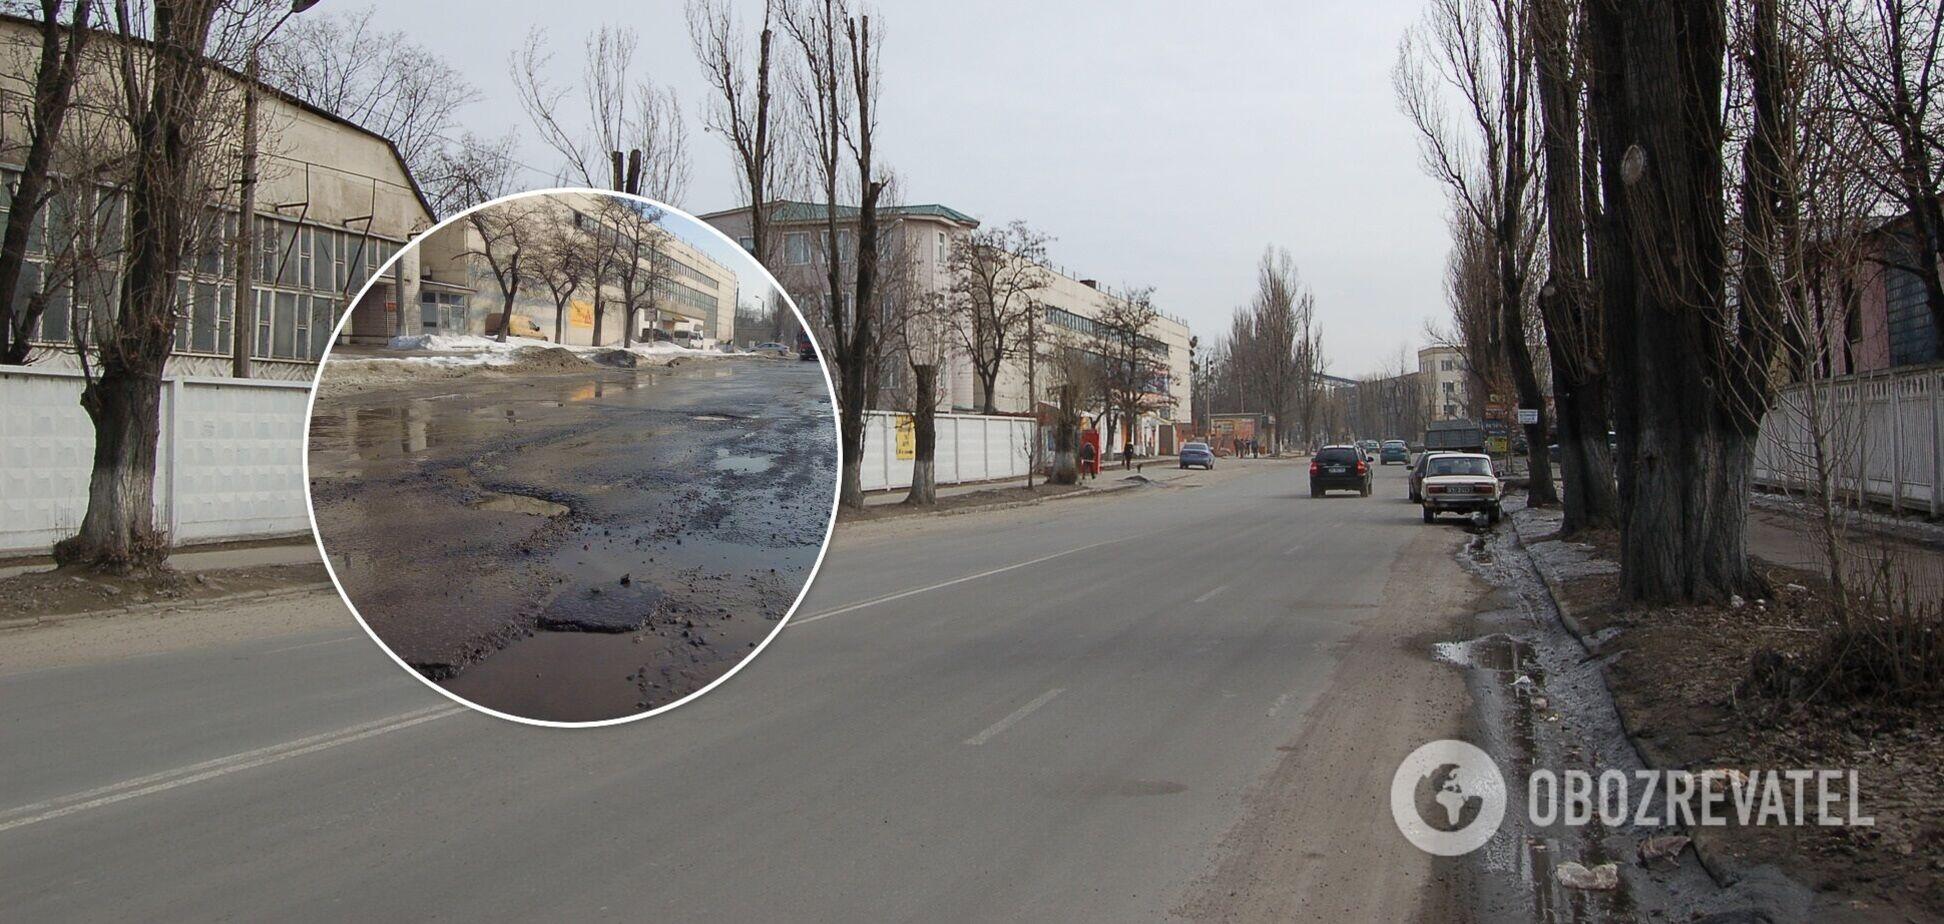 Местные жители говорят, что эту дорогу часто ремонтируют